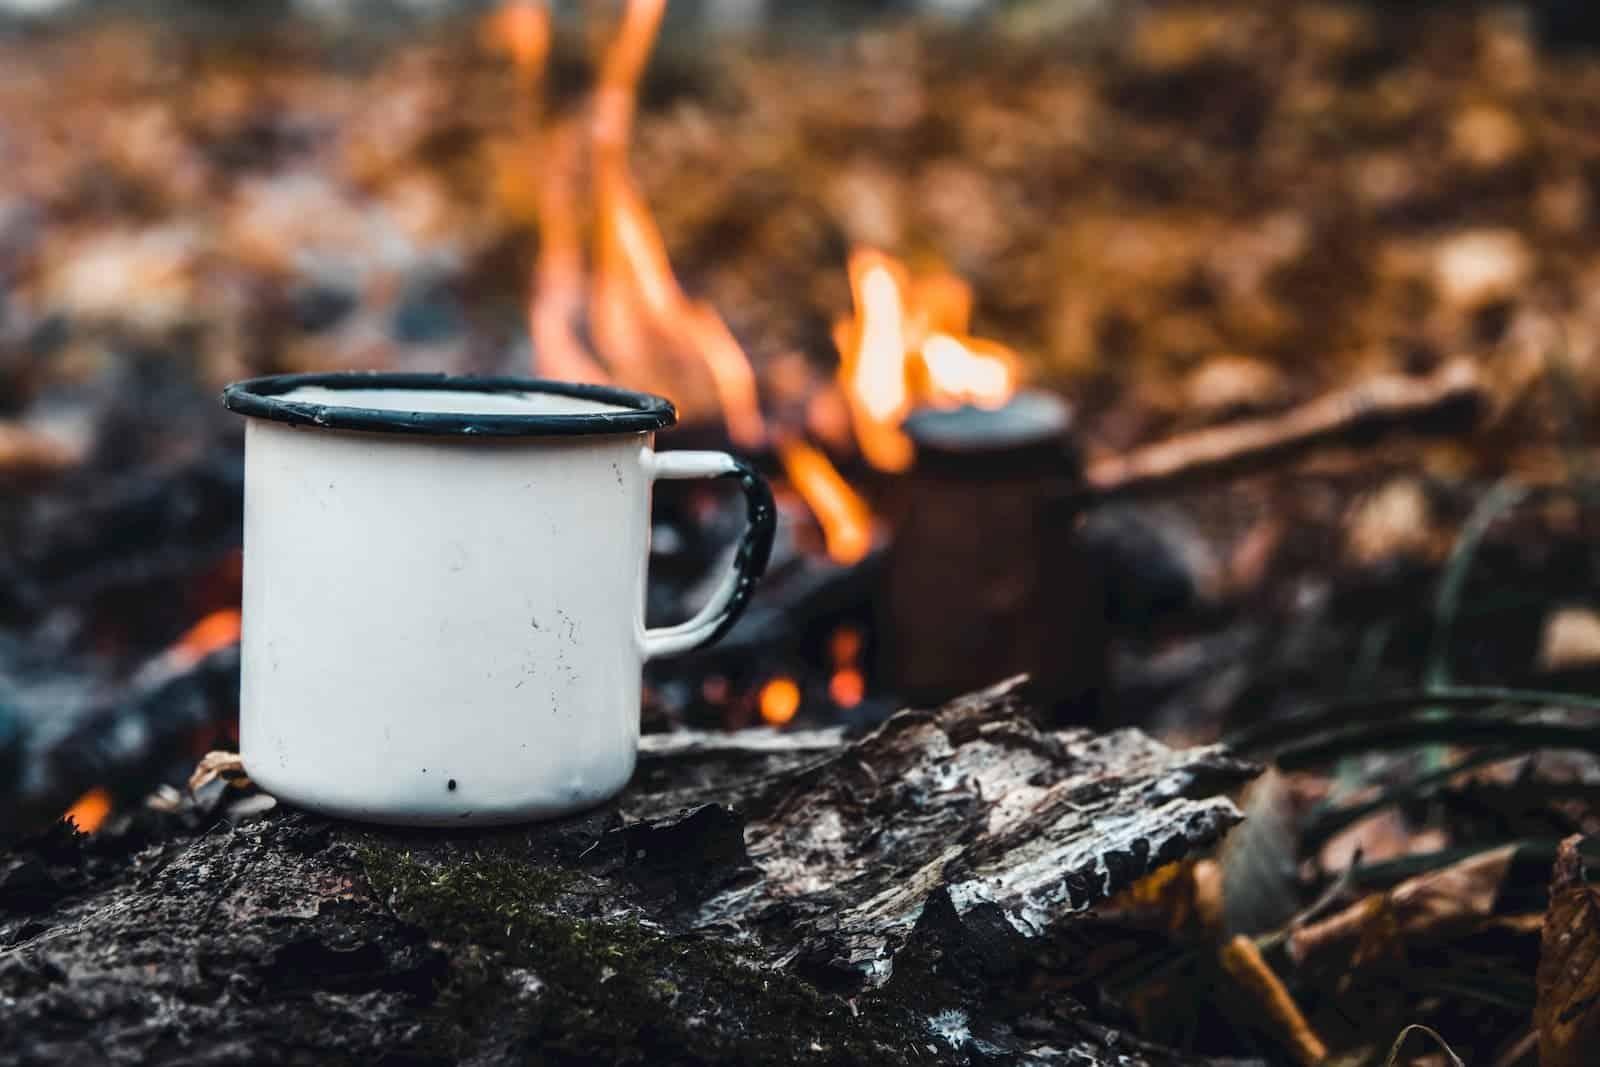 preparando café na fogueira